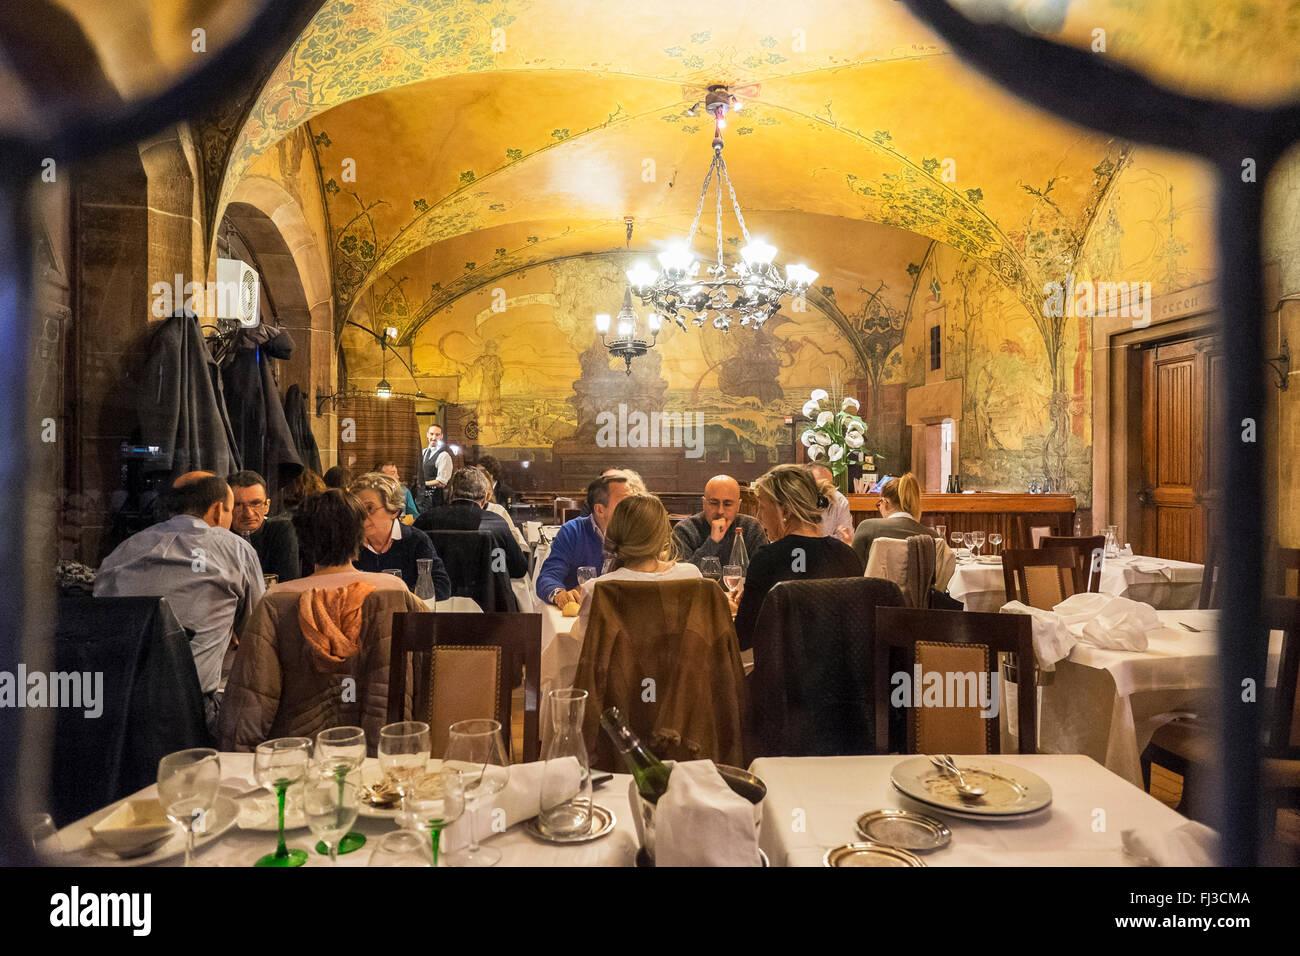 Restaurant Esszimmer, Maison Kammerzell mittelalterliches Haus bei Nacht, Straßburg, Elsass, Frankreich Europa Stockbild